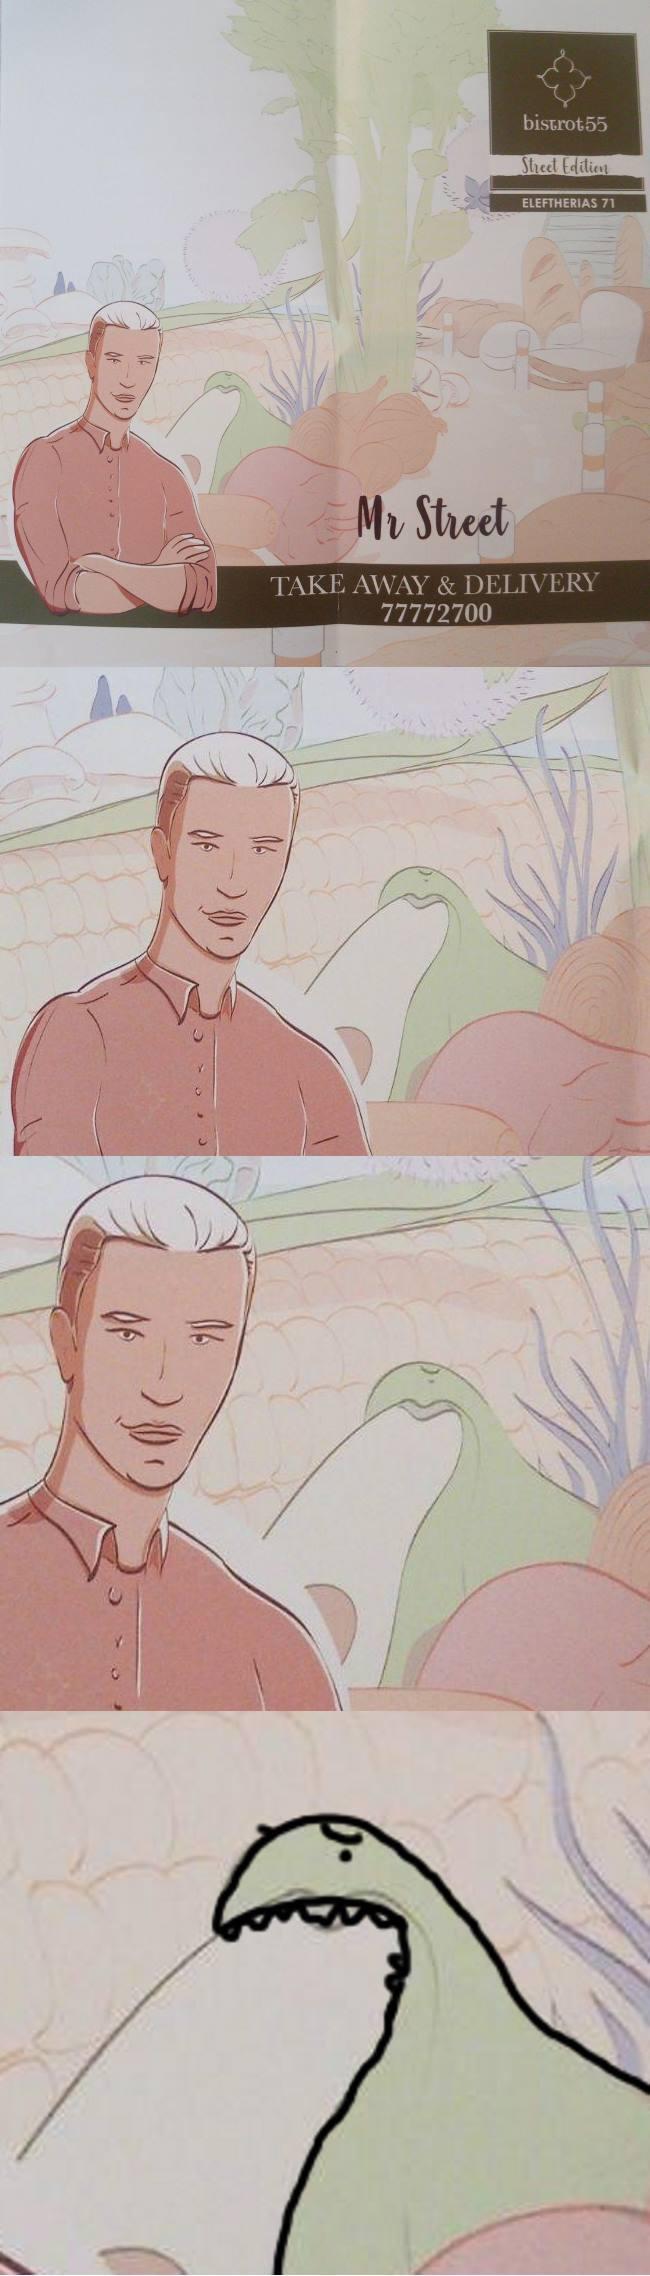 Я увидел блюющего динозавра на этой рекламе бистро, и не могу развидеть обратно Парейдолия, Кипр, Фрейд, Намек, Длиннопост